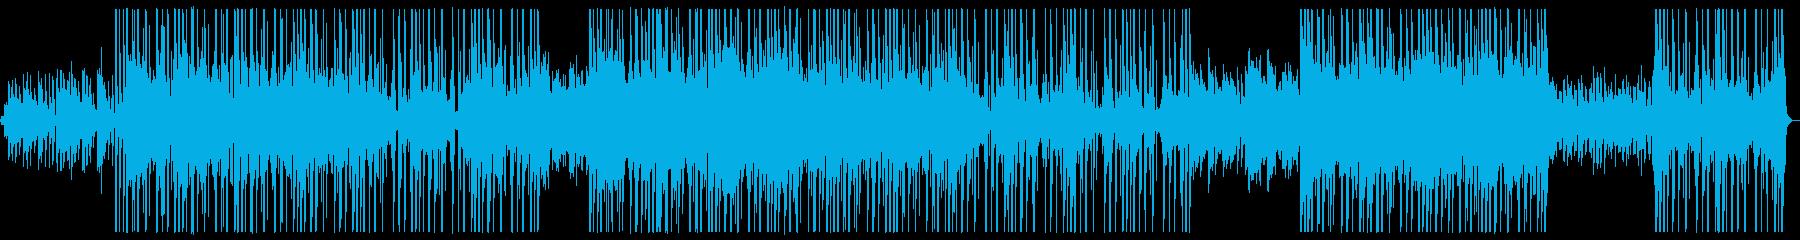 英語チルかっこいい洋楽ポップ R&Bの再生済みの波形